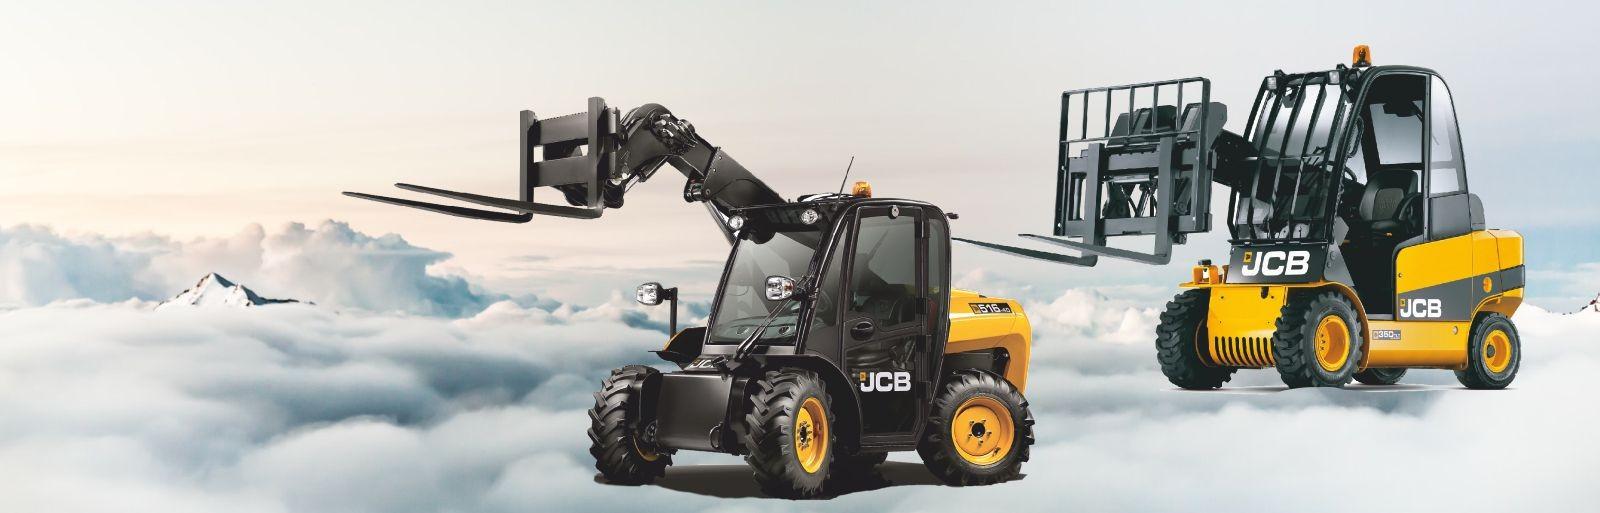 JCB Degener Staplertechnik